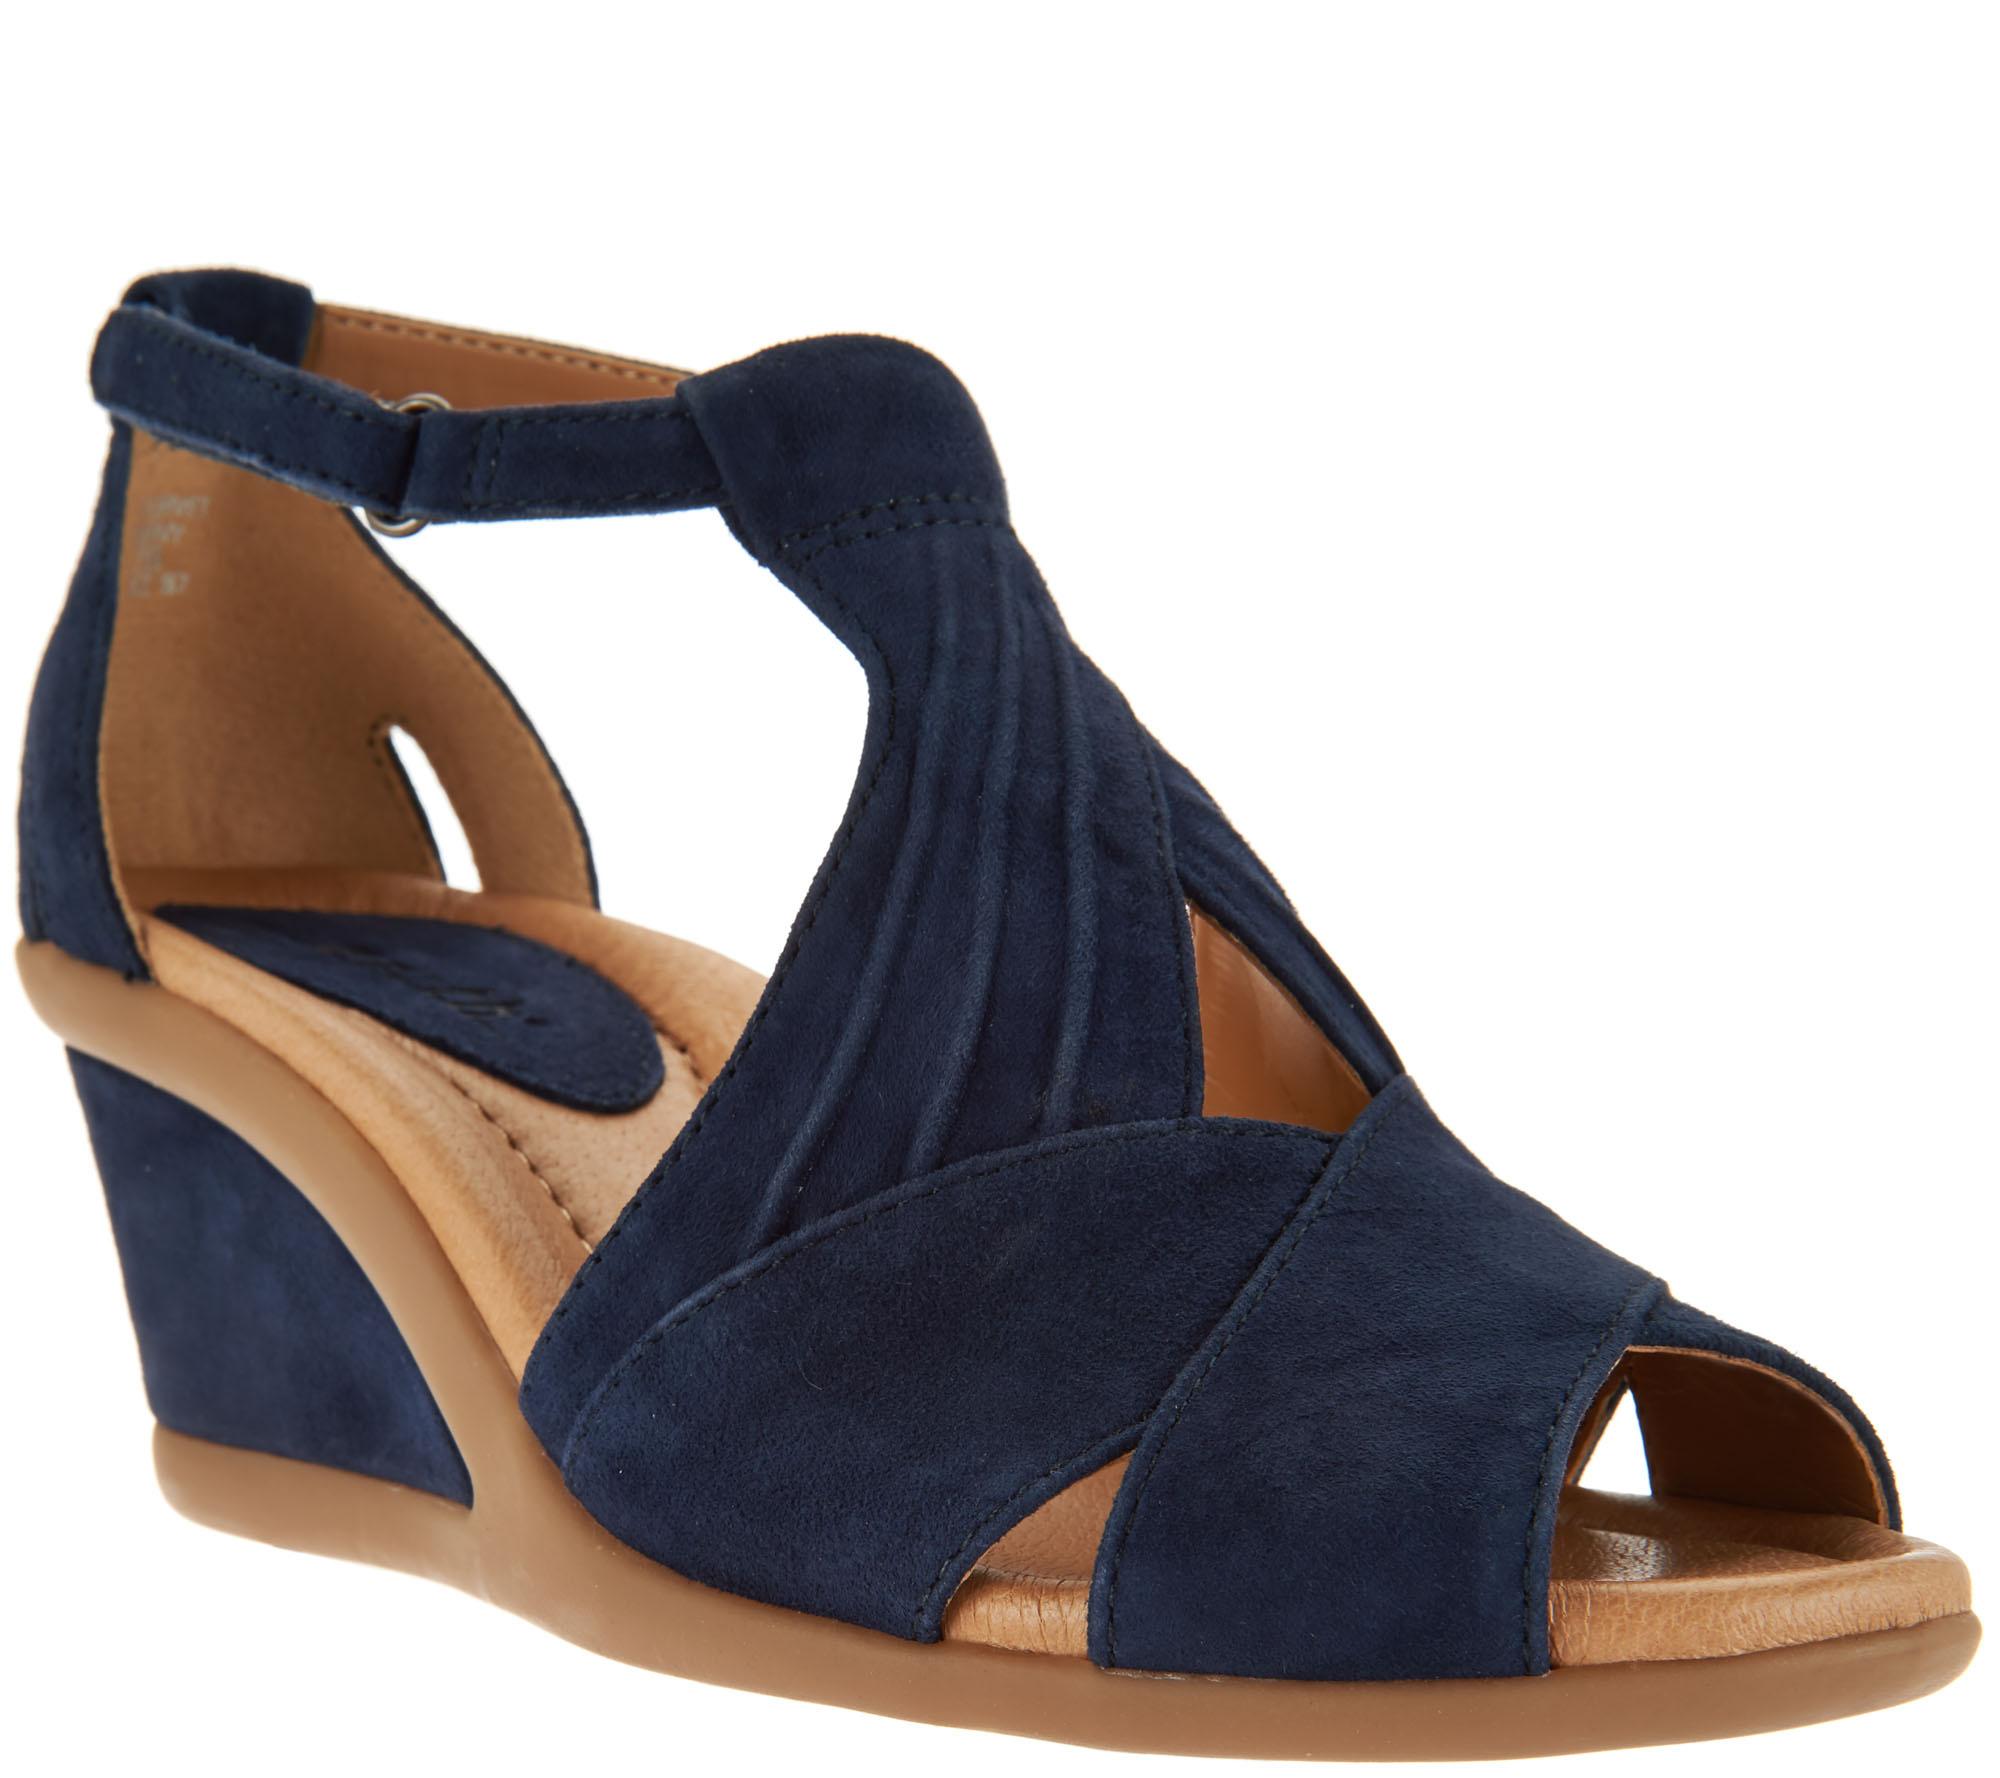 Earth Suede Peep-Toe Wedge Sandals - Curvet